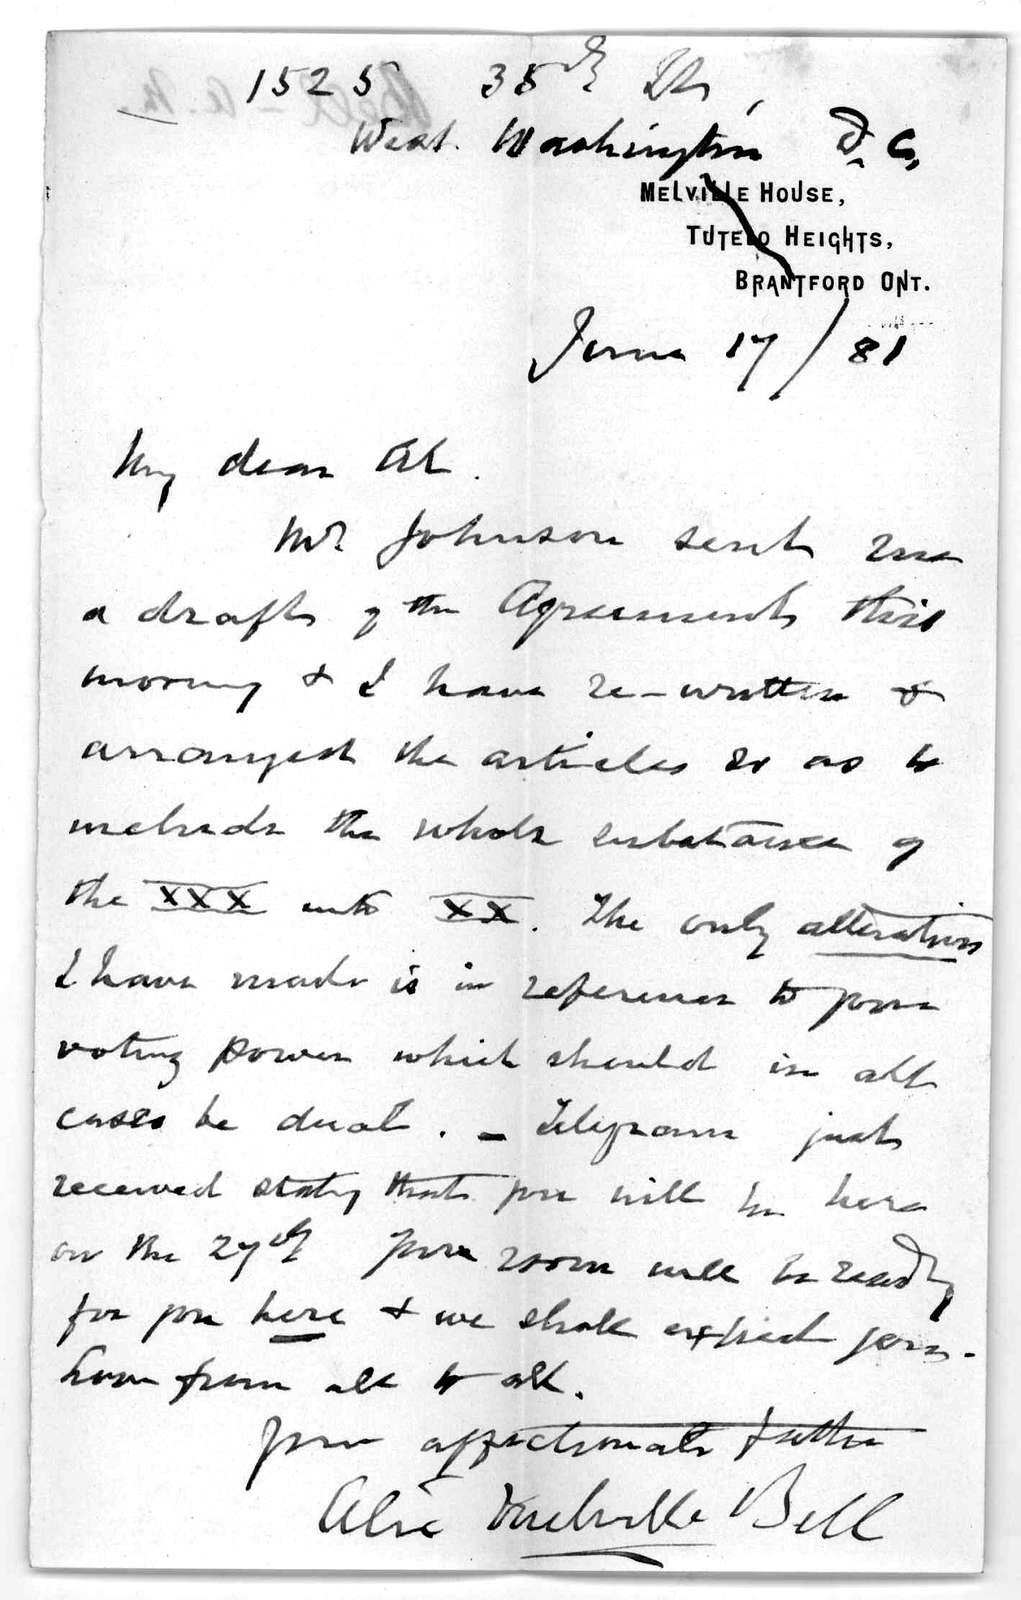 Letter from Alexander Melville Bell to Alexander Graham Bell, June 17, 1881